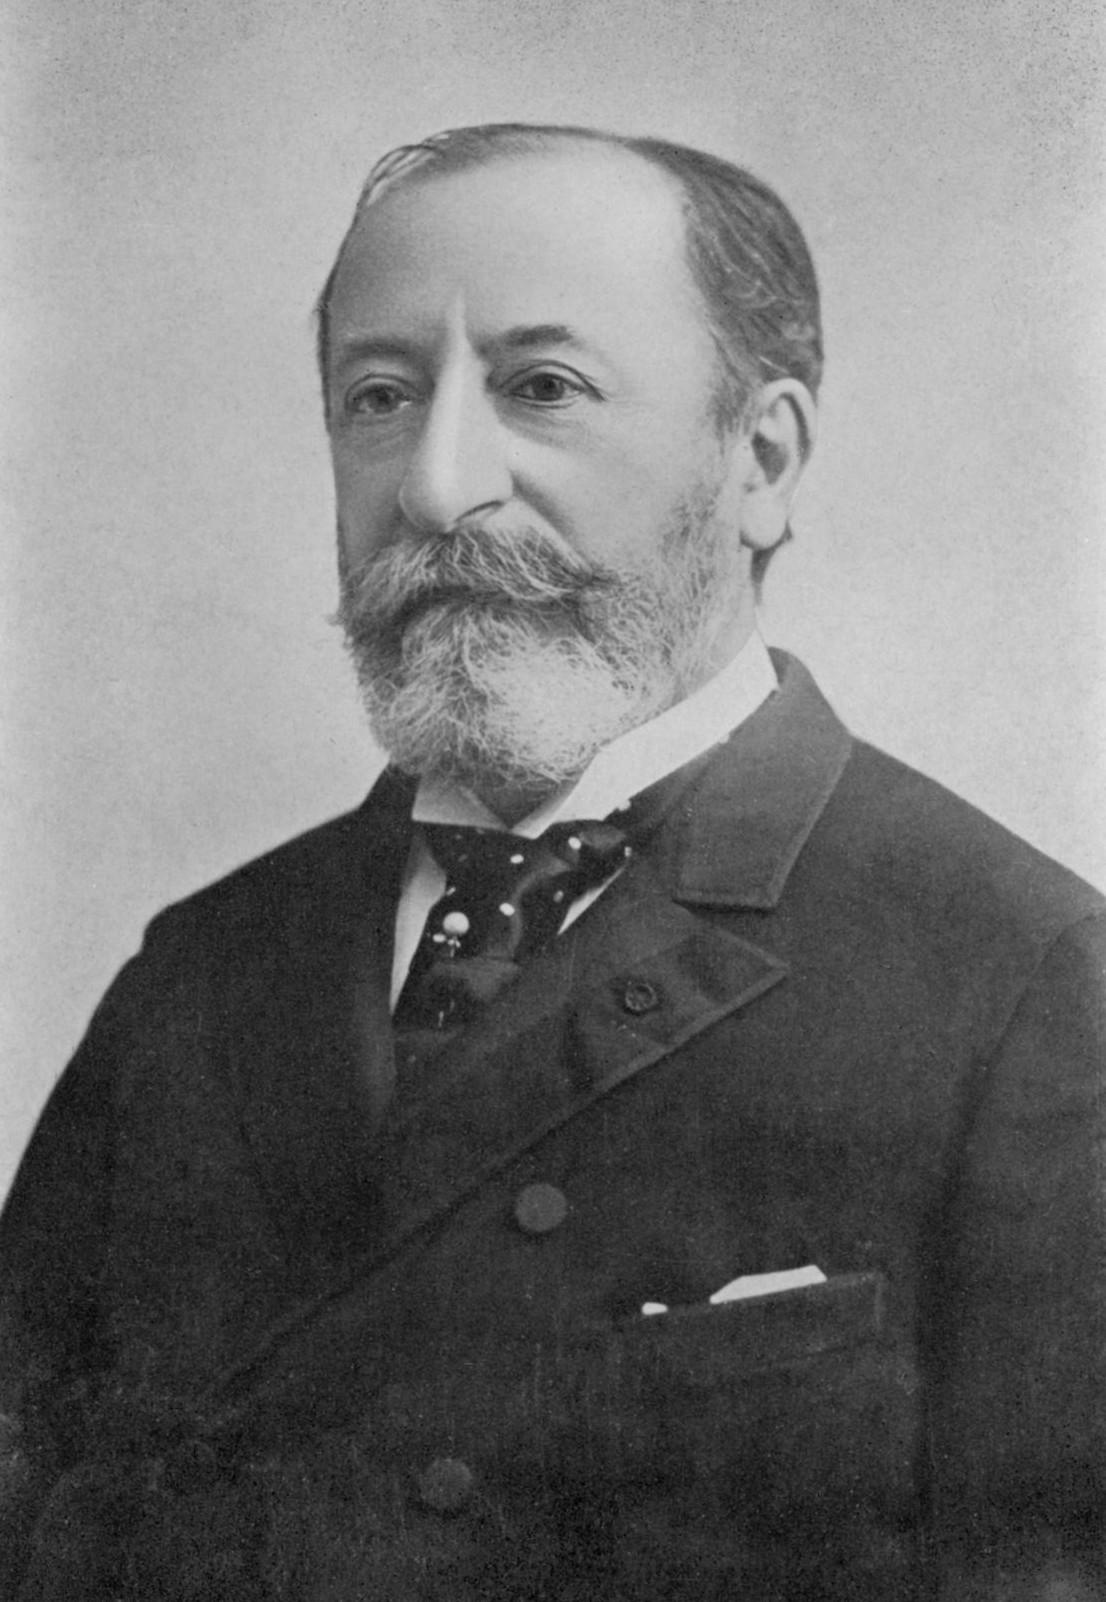 Guillermo ii de alemania homosexual relationship